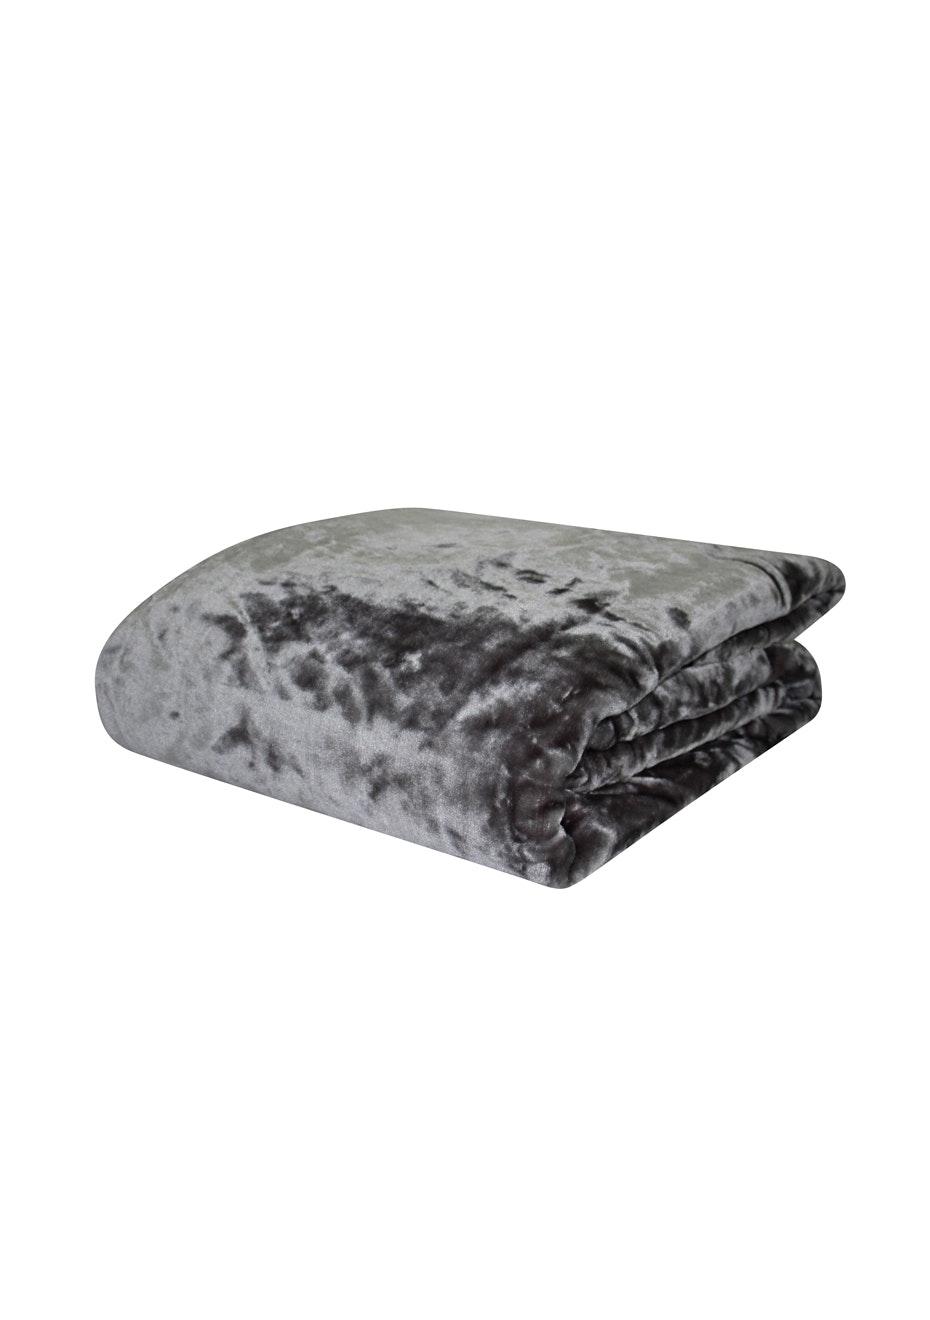 Mink Blanket - 400Gsm - Queen Bed - Granite